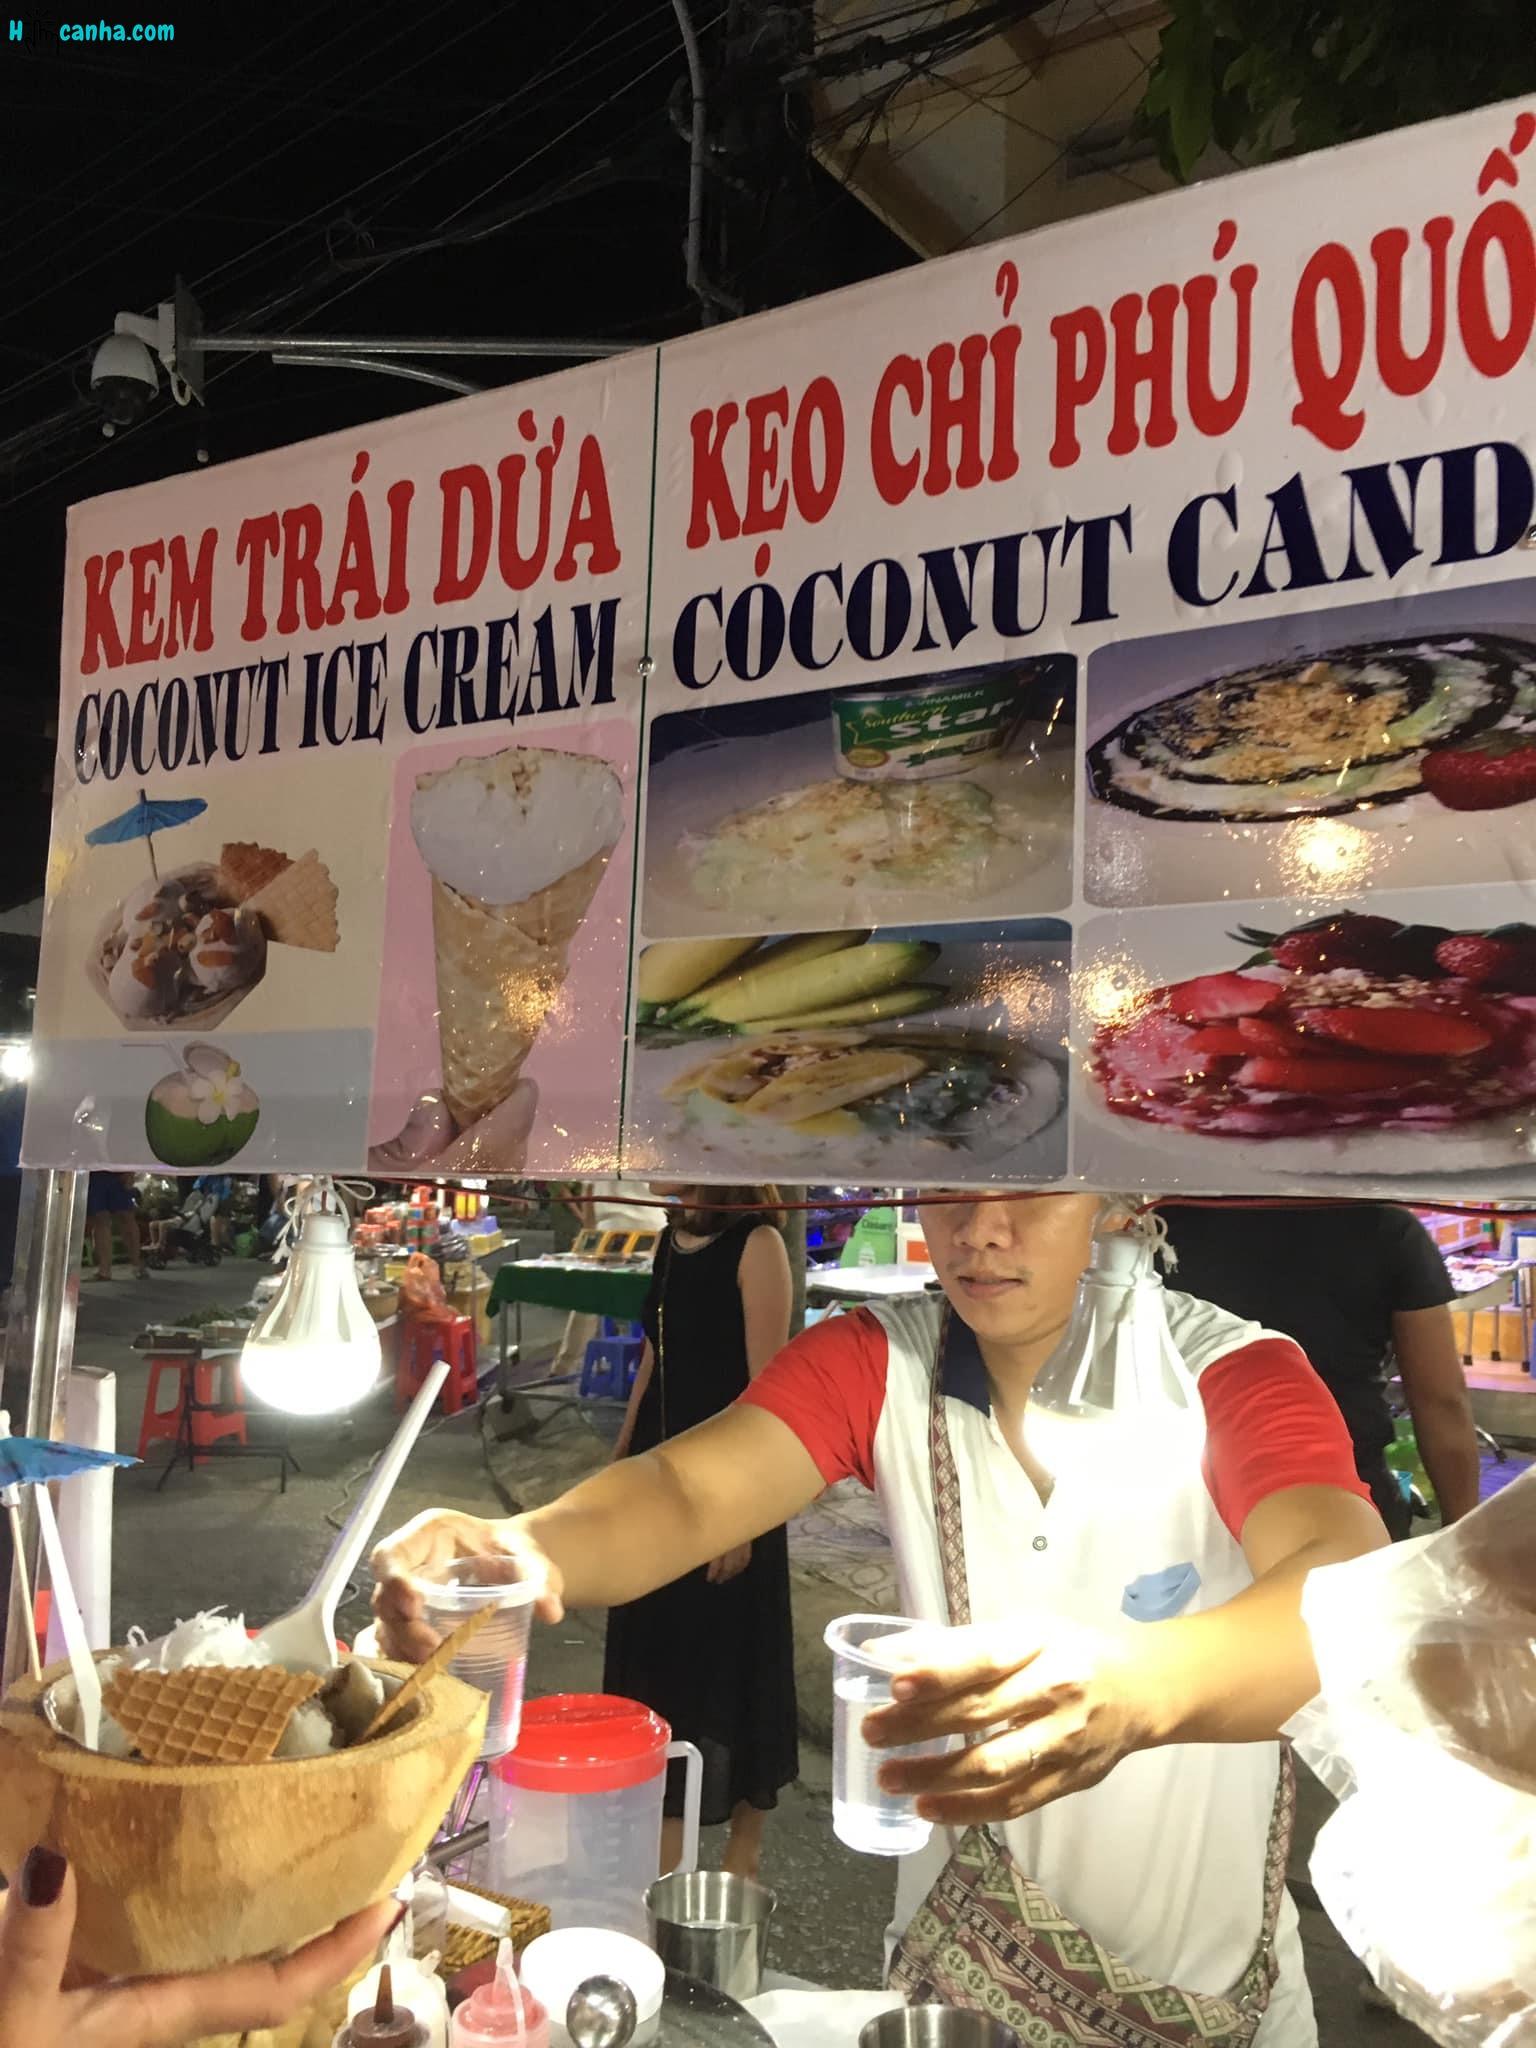 keo chi tai cho dem phu quoc _ Chợ Đêm Phú Quốc | Kinh Nghiệm Vui Chơi Thả Ga Tại Chợ